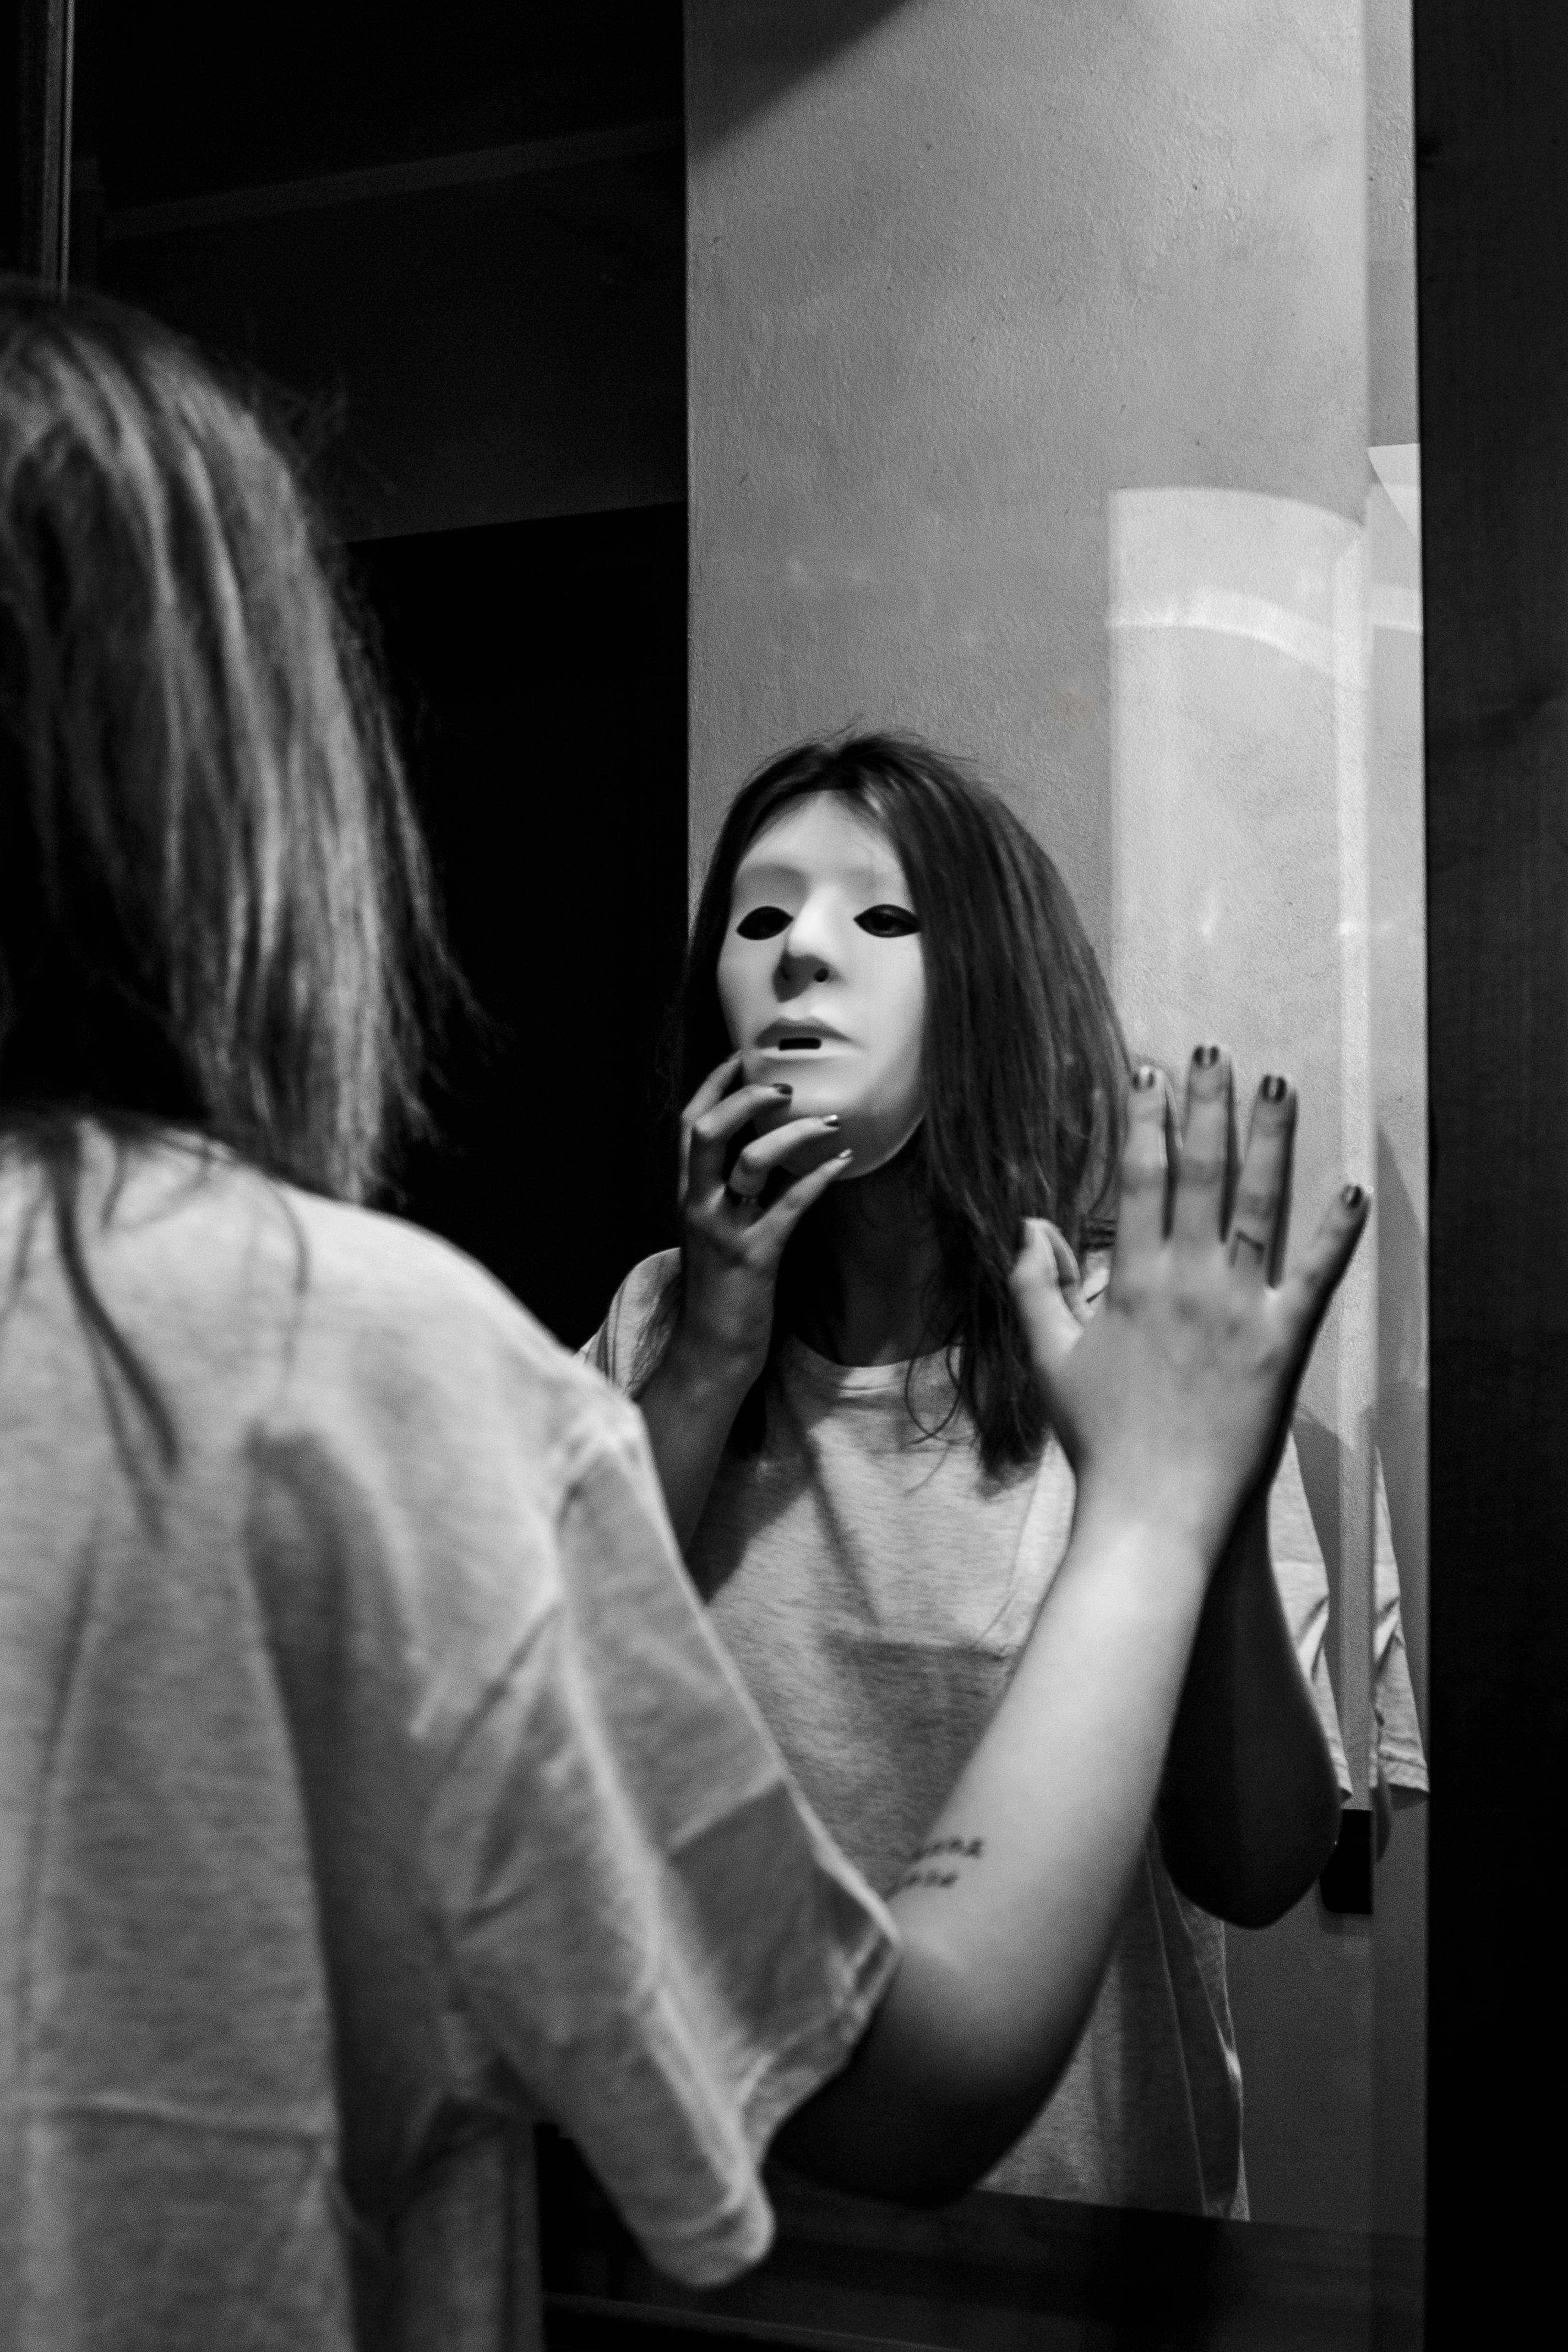 un corpo con la maschera allo specchio in bianco e nero